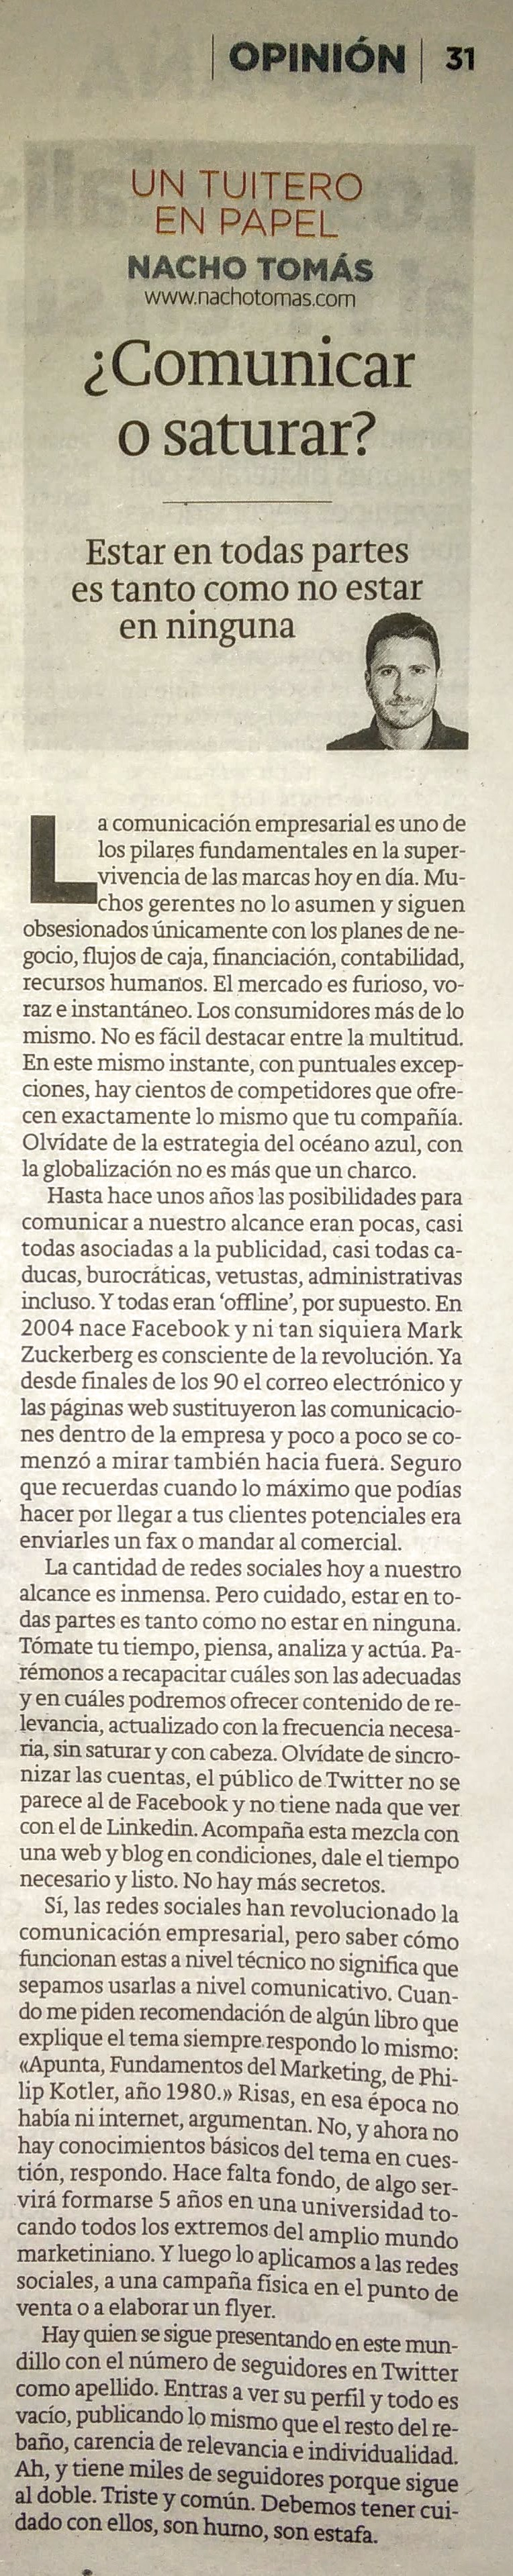 09.03.16 Comunicar o saturar - Nacho Tomás - Un tuitero en papel - La Verdad de Murcia